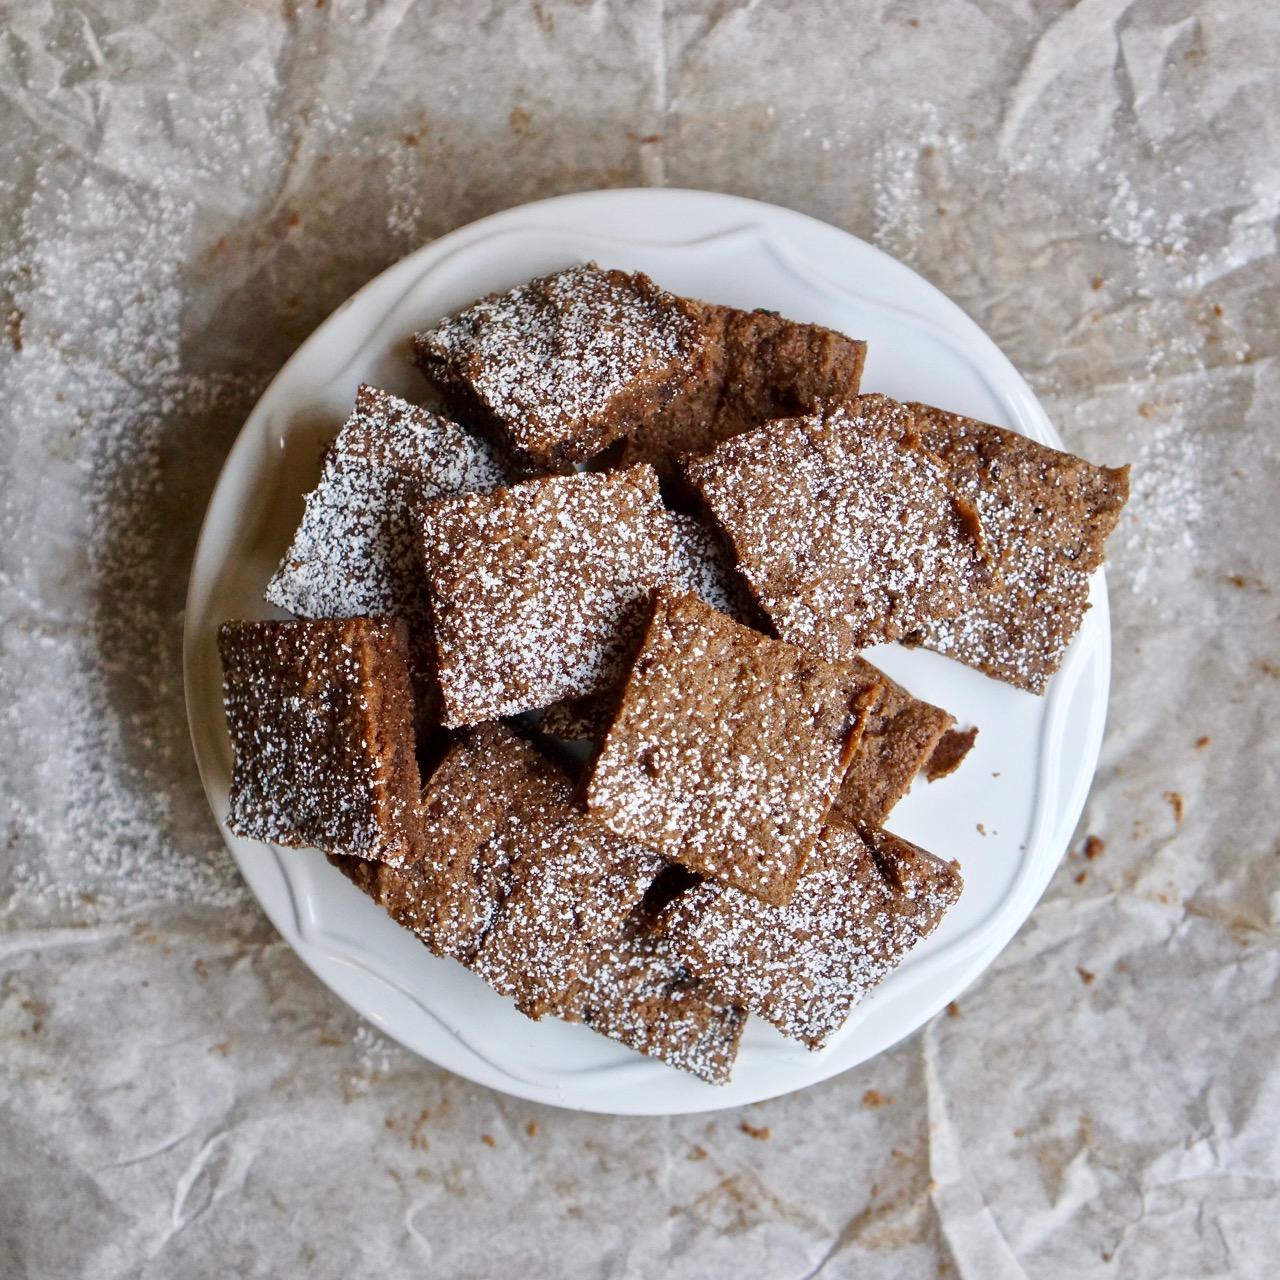 ריבועי שוקולד צ׳יפס מוכנים עם אבקת סוכר מעל מונחים על צלחת לבנה. מתוך מתכון חיתוכיות שוקולד צ׳יפס ללא קמח בלוג גבישס.